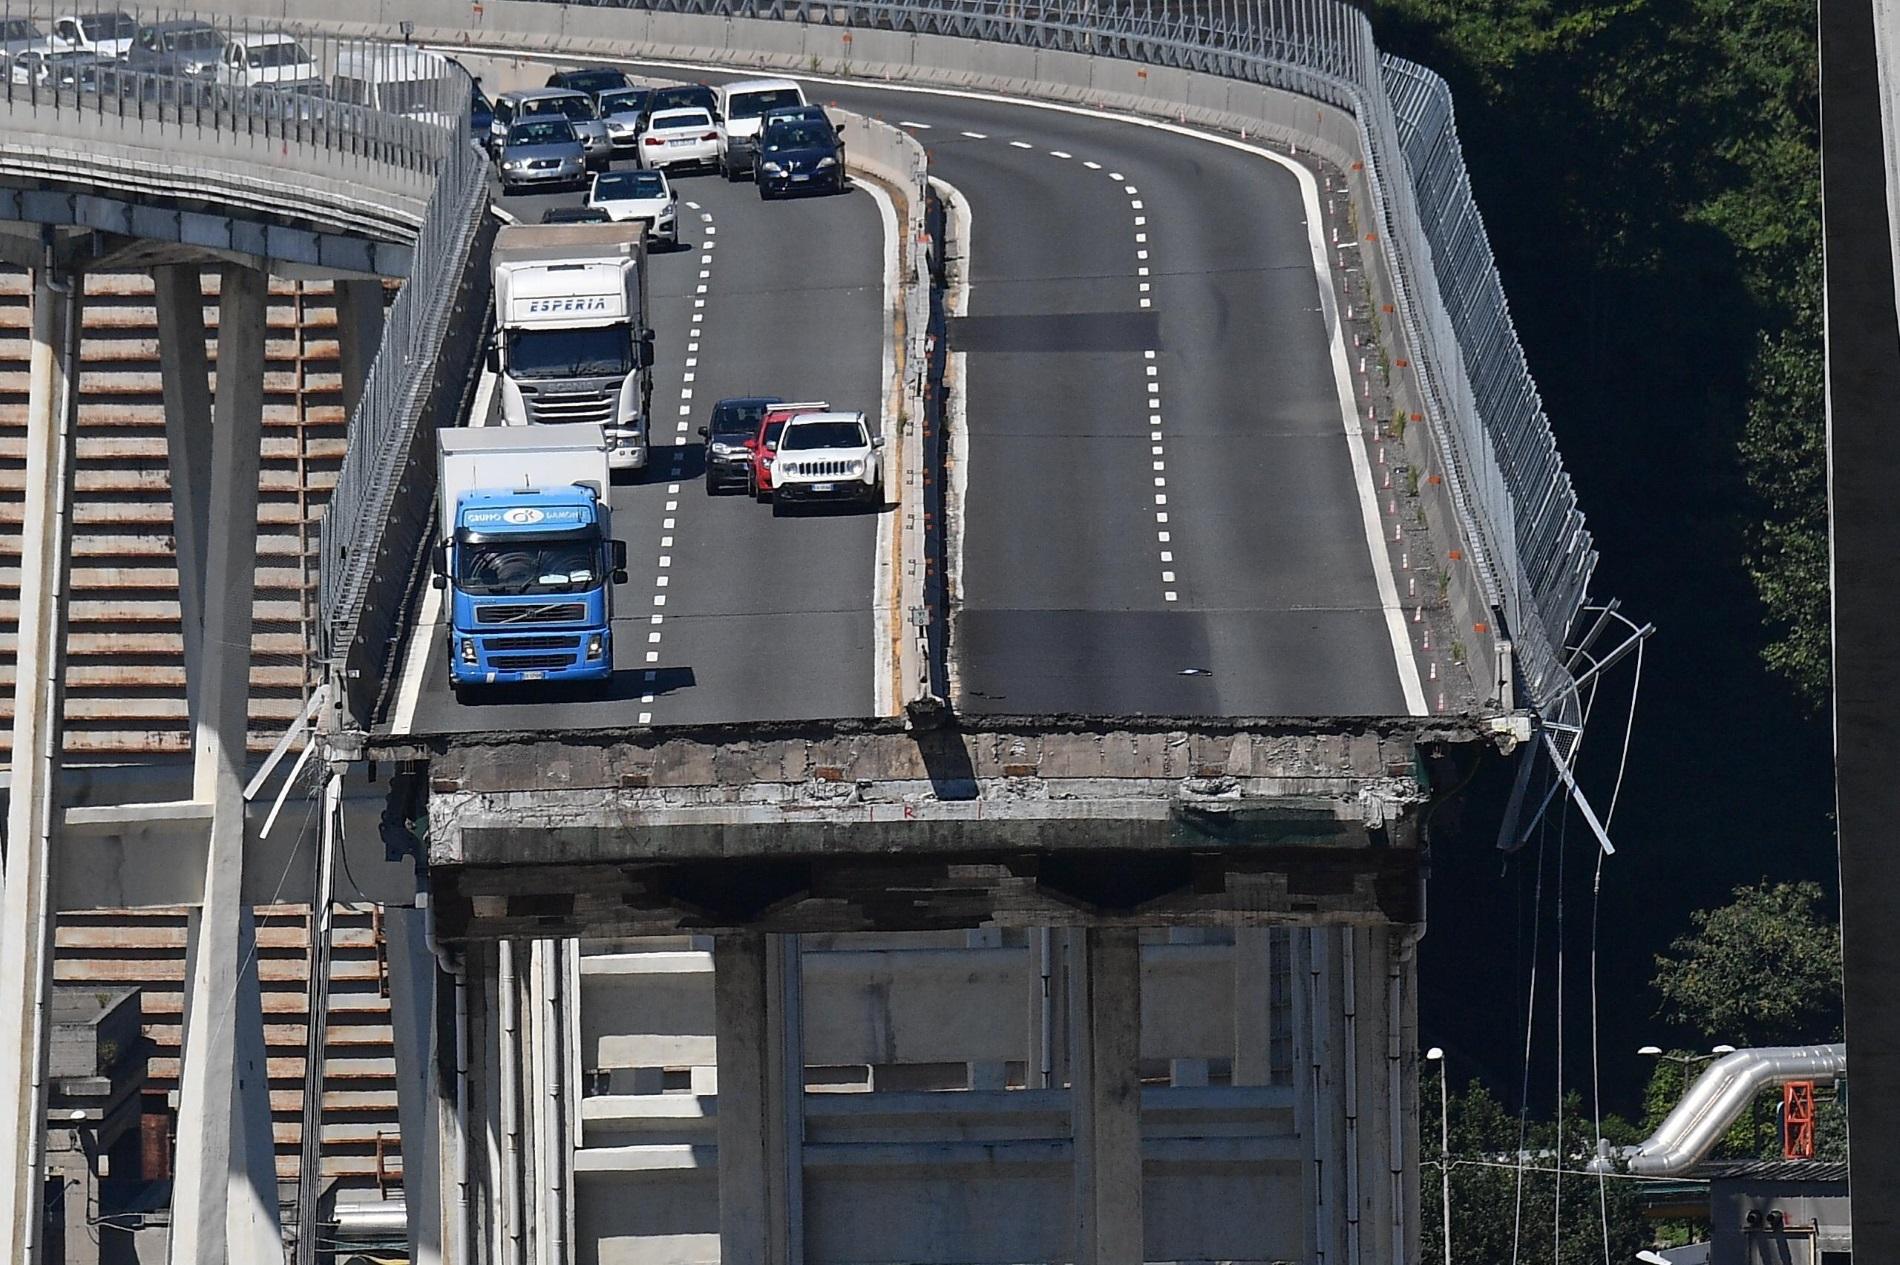 Мостът Моранди в Генуа, Италия, минути след неговият колапс. 43-има души загинаха при пропадането на част от моста